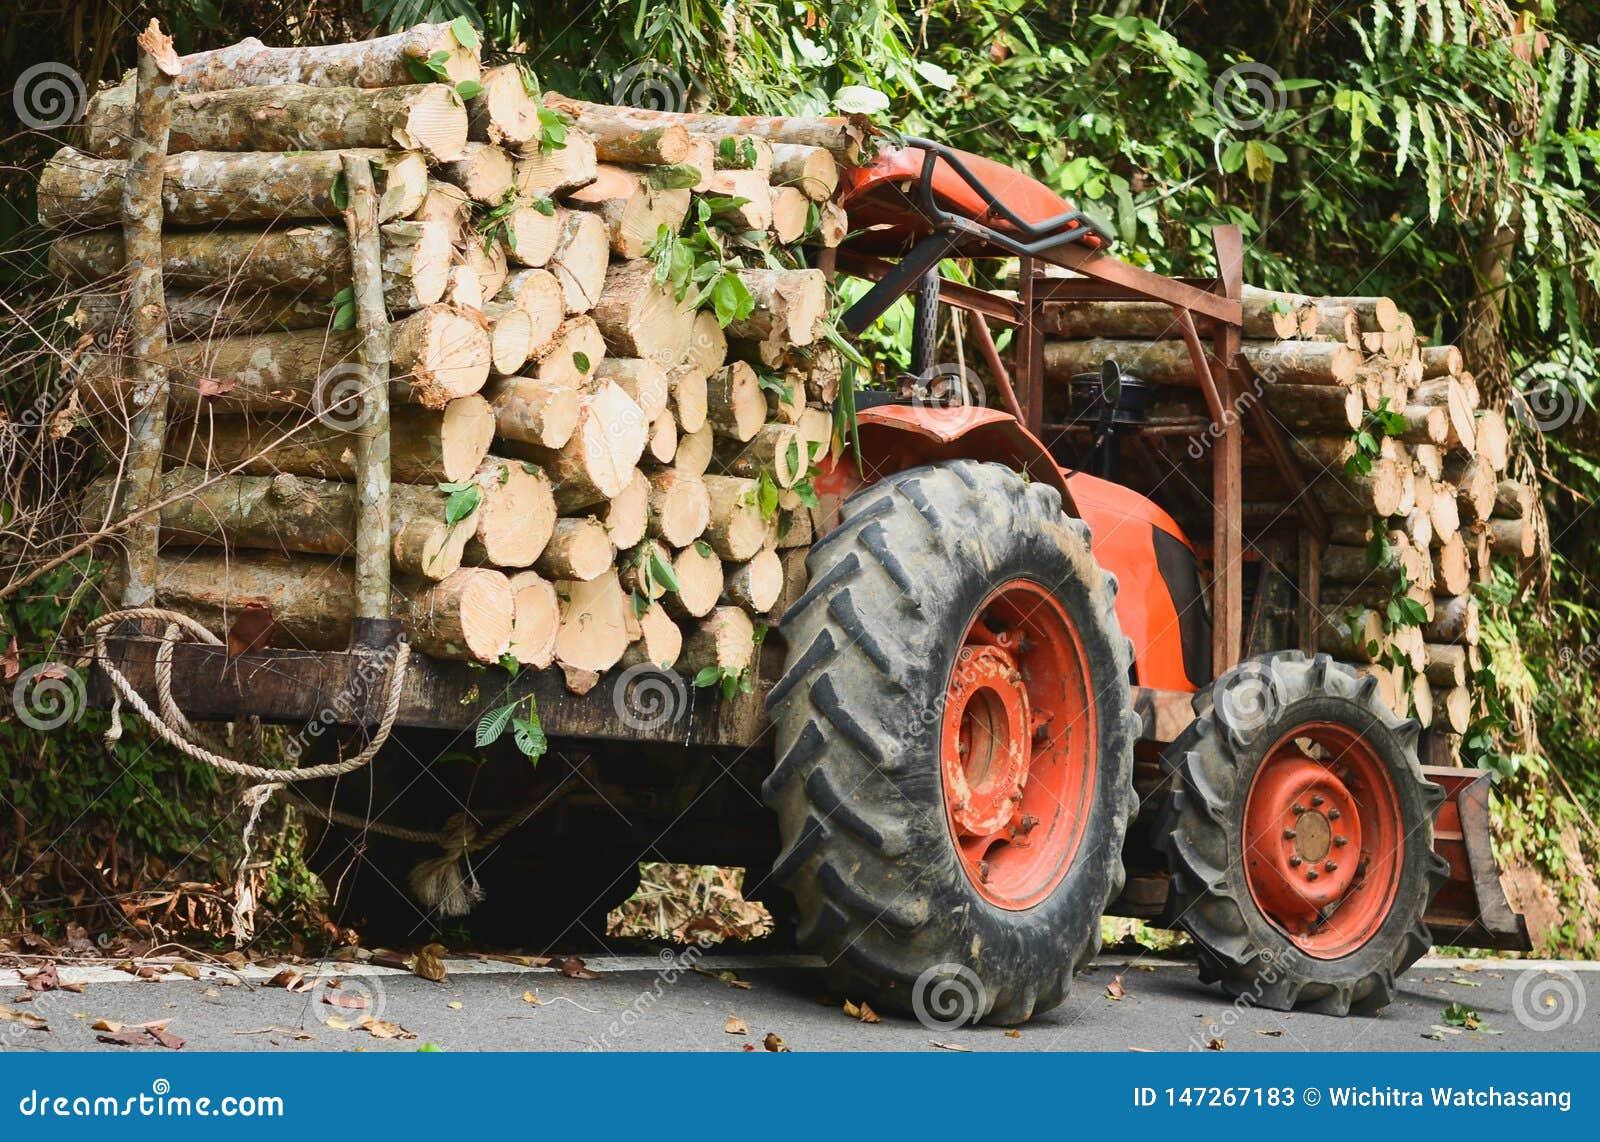 Tractor anaranjado o madera cargada en el bosque, natural de madera fresco del camión aserrado